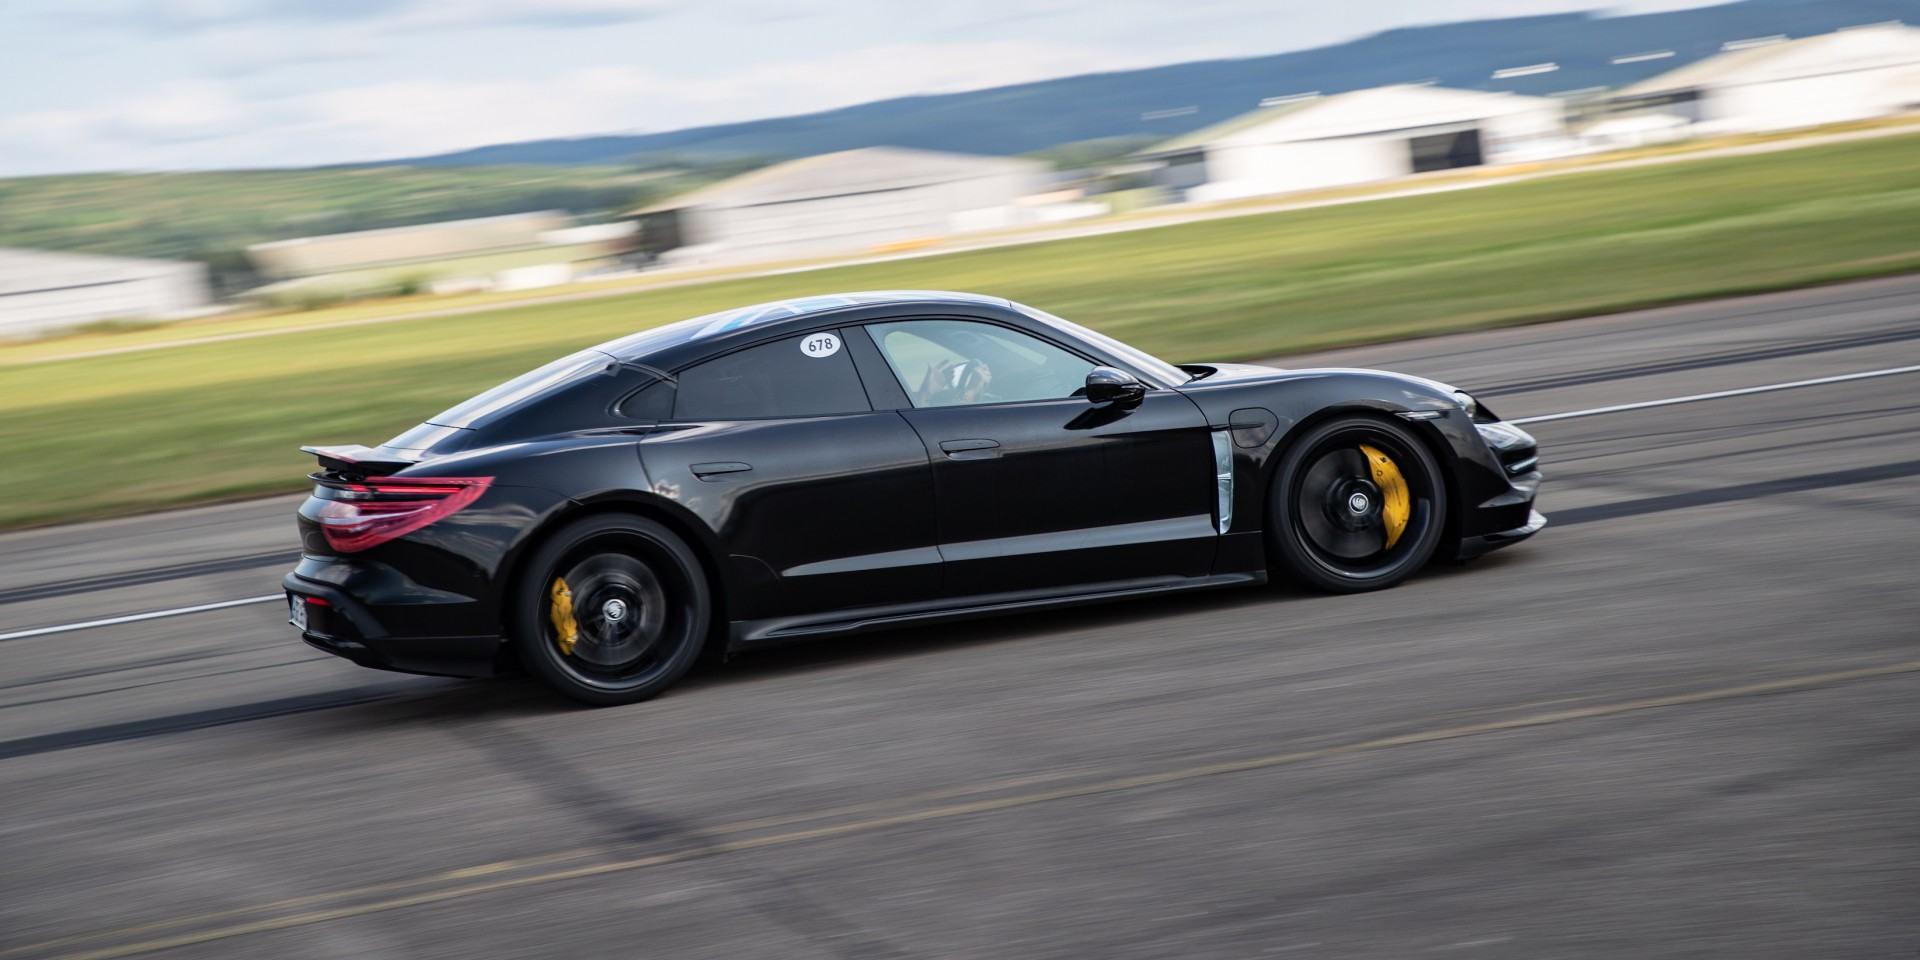 純電猛獸來襲:Porsche全新純電跑車Taycan 預購專案接單破700張,全球亮相倒數計時中